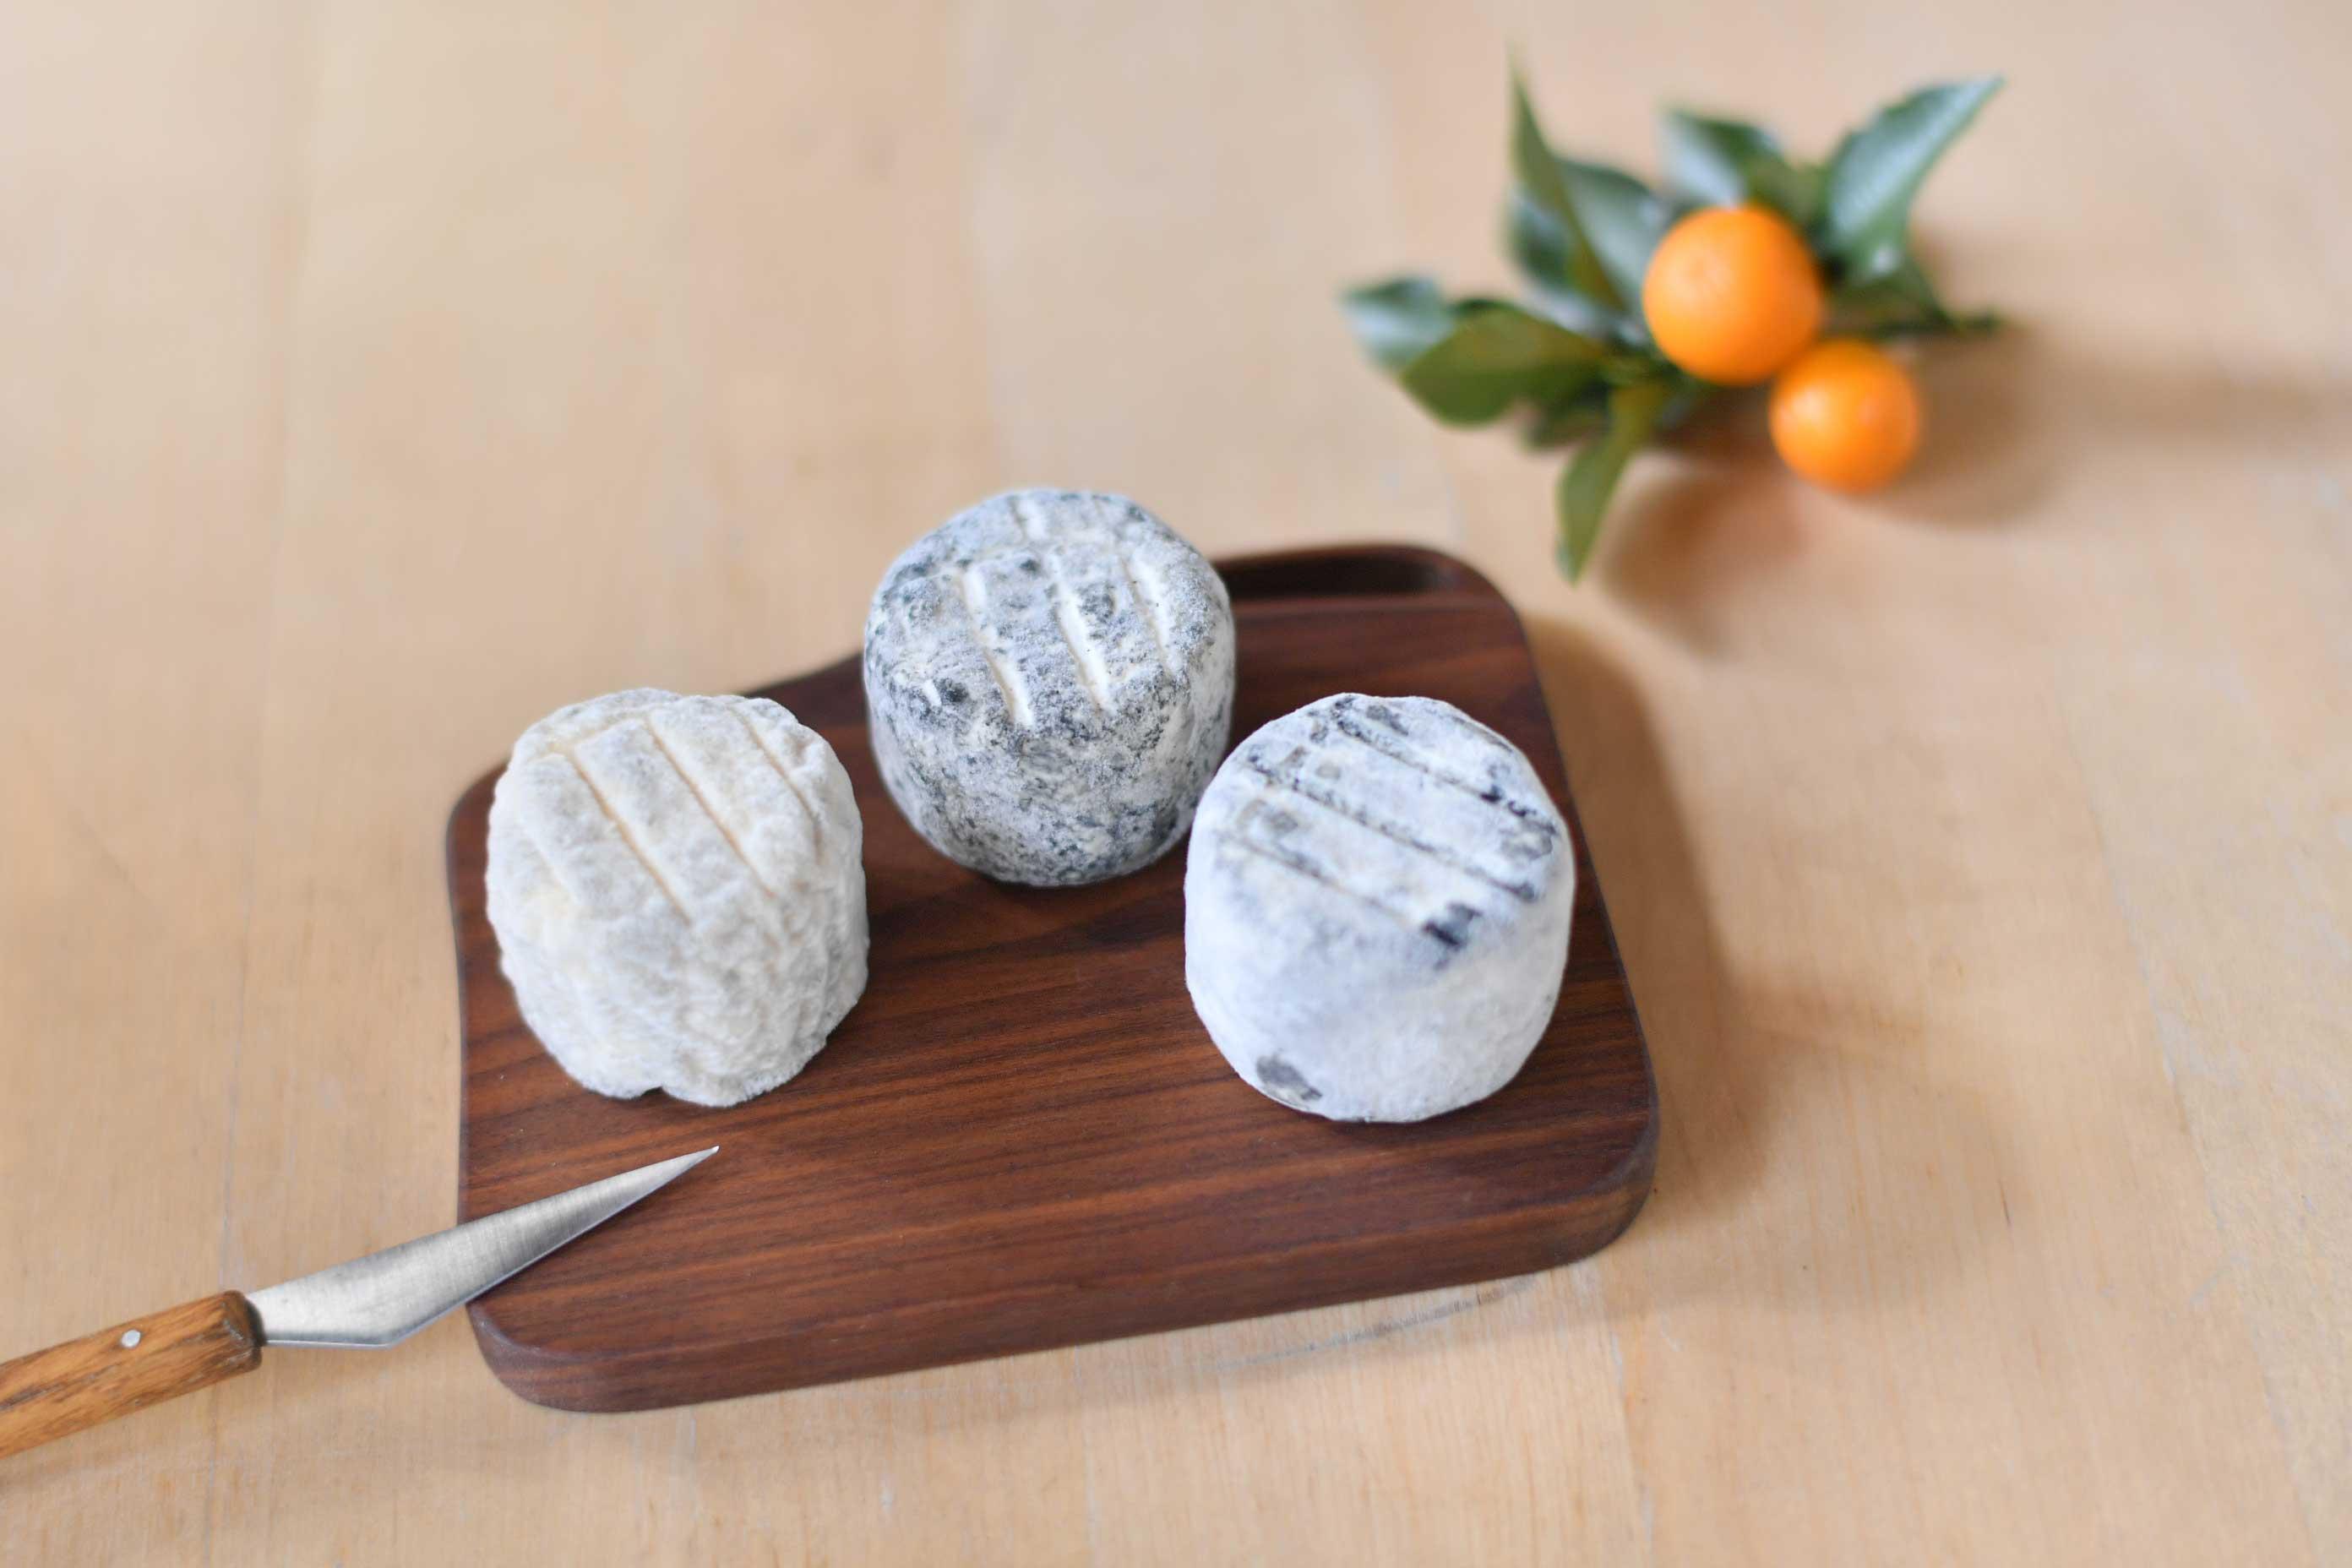 チーズ工房 千 -柴田千代のクラフトチーズ-